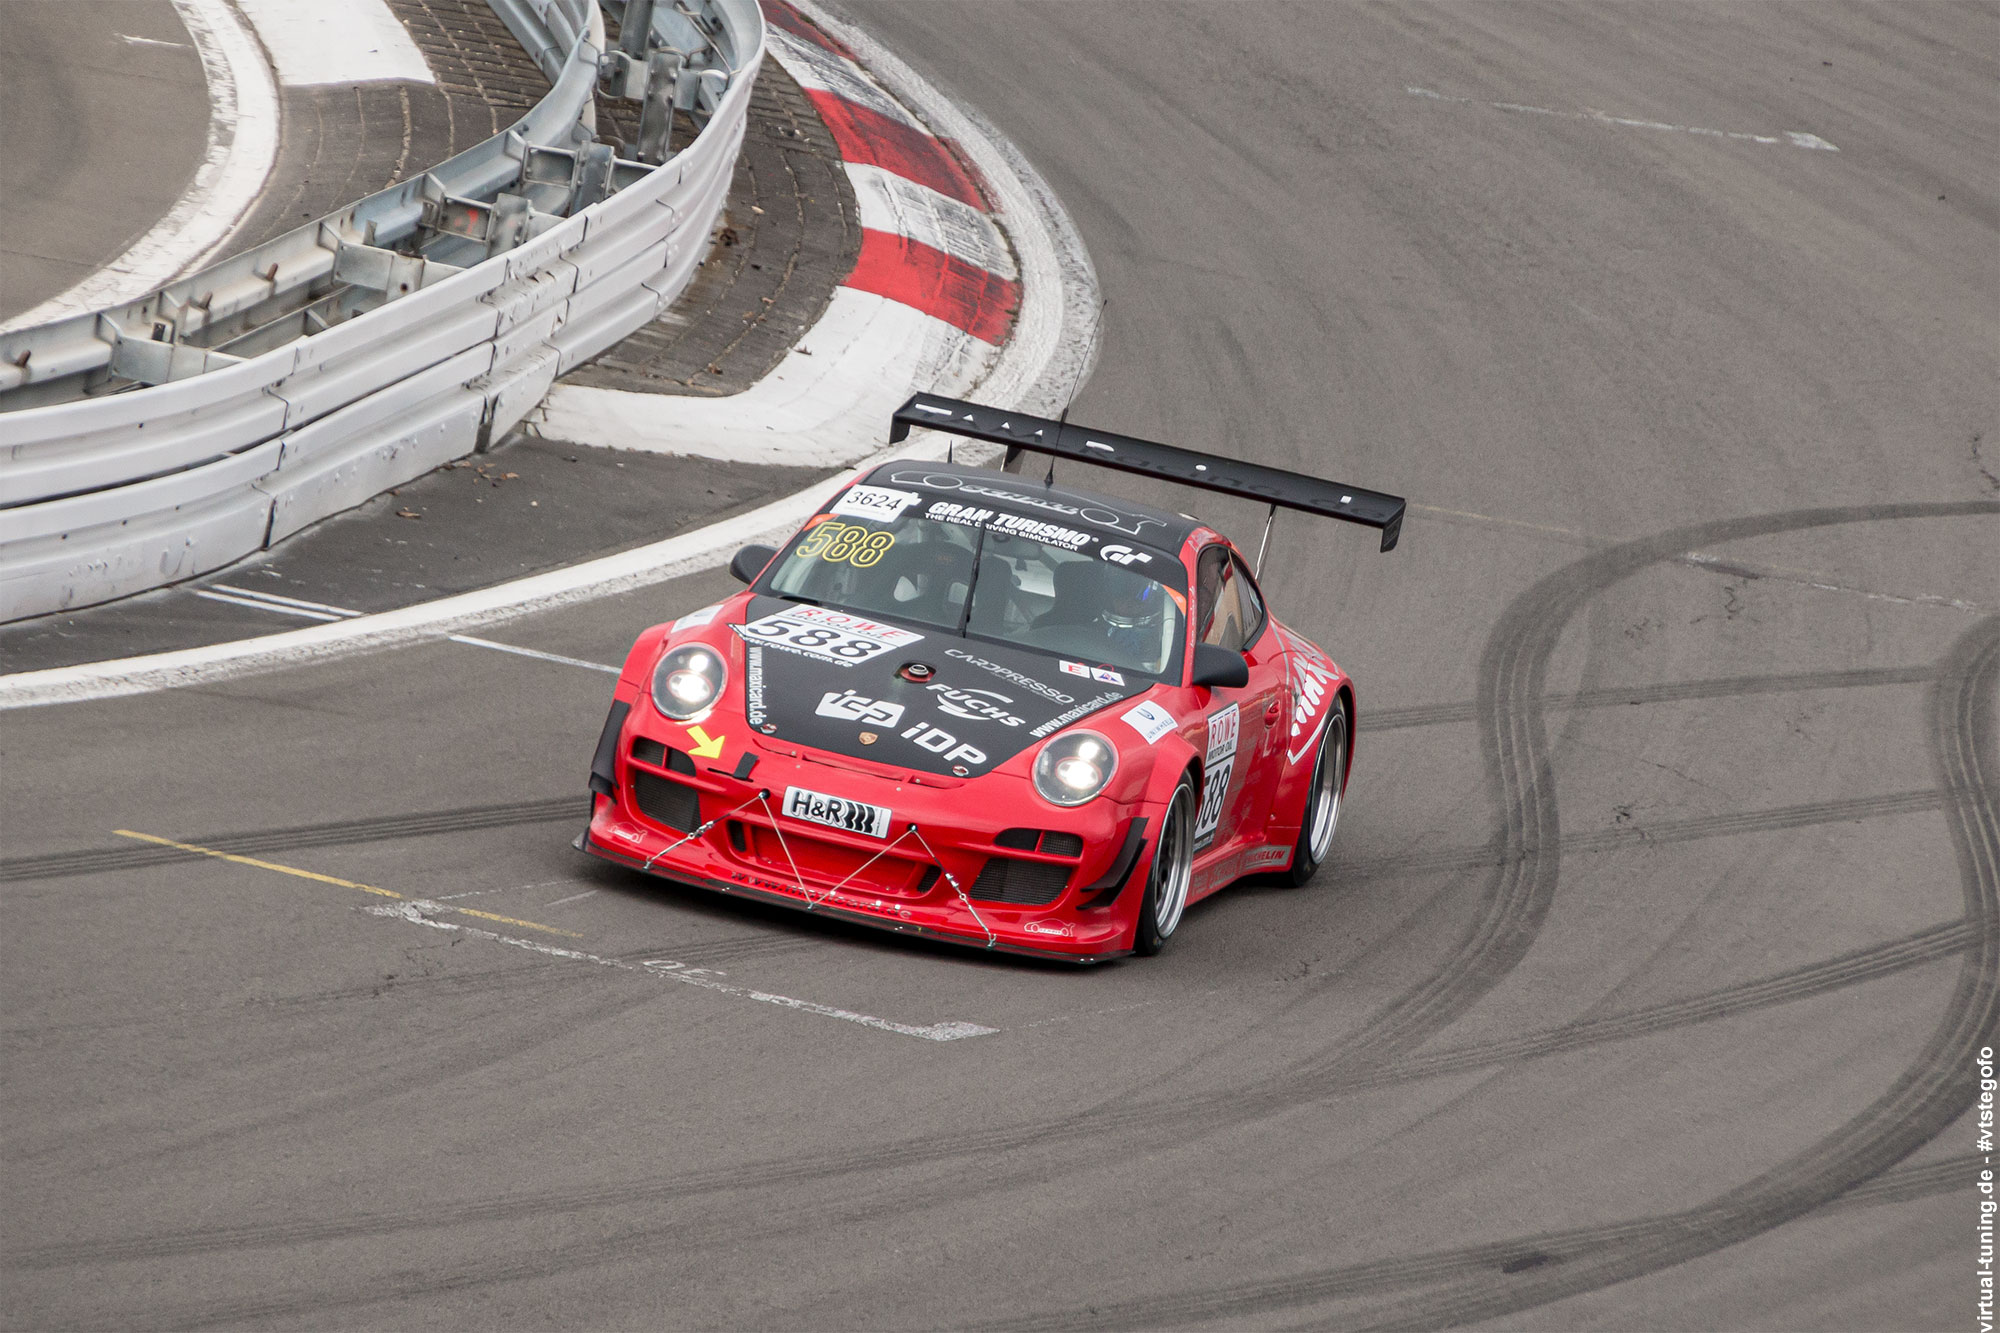 Porsche 911 - Test- und Einstellfahrten am Nürburgring (3.2016)